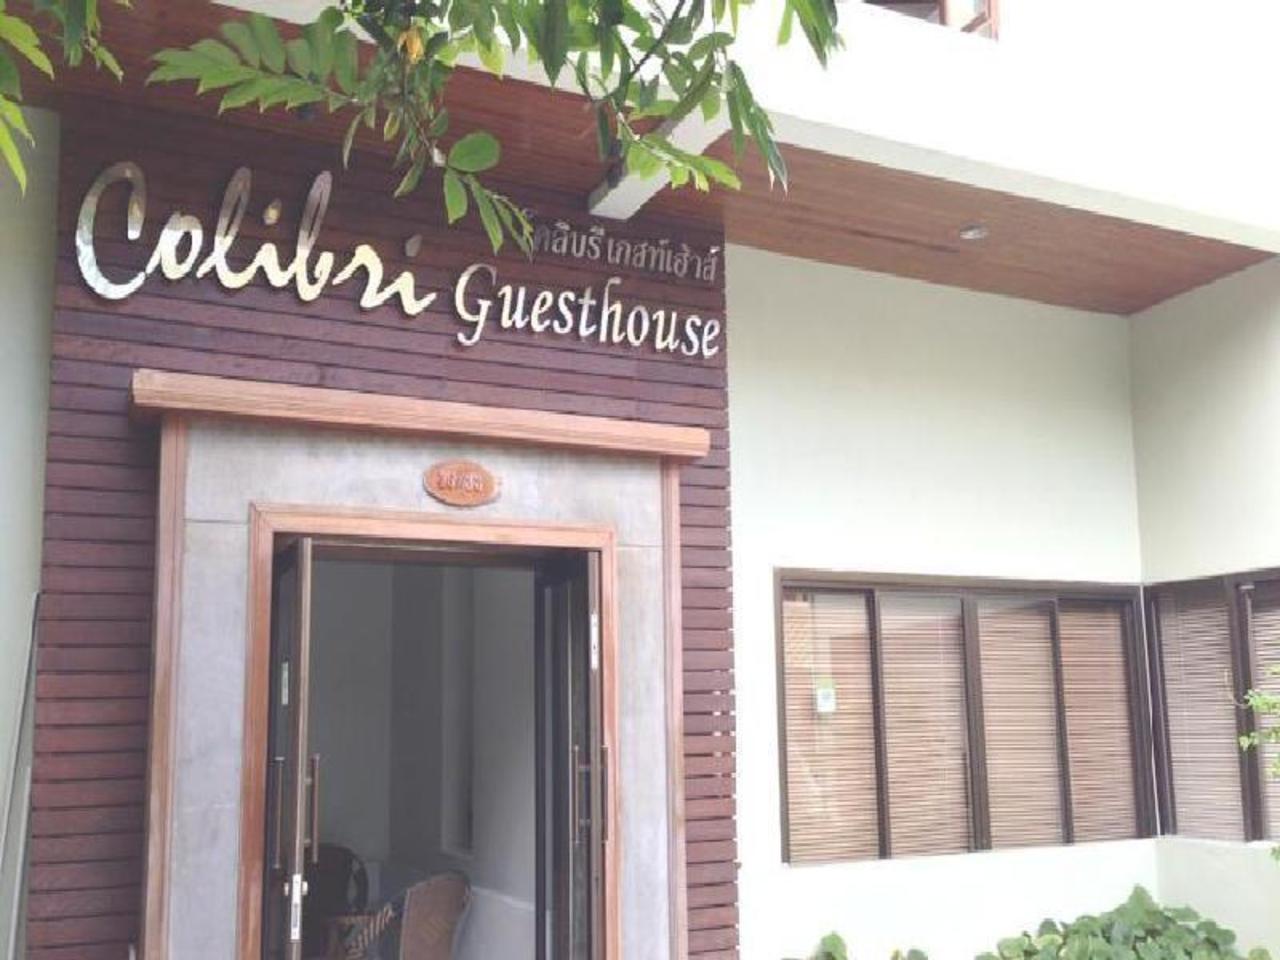 โคลิบรี เกสต์เฮาส์ เกาะสมุย (Colibri Guesthouse)